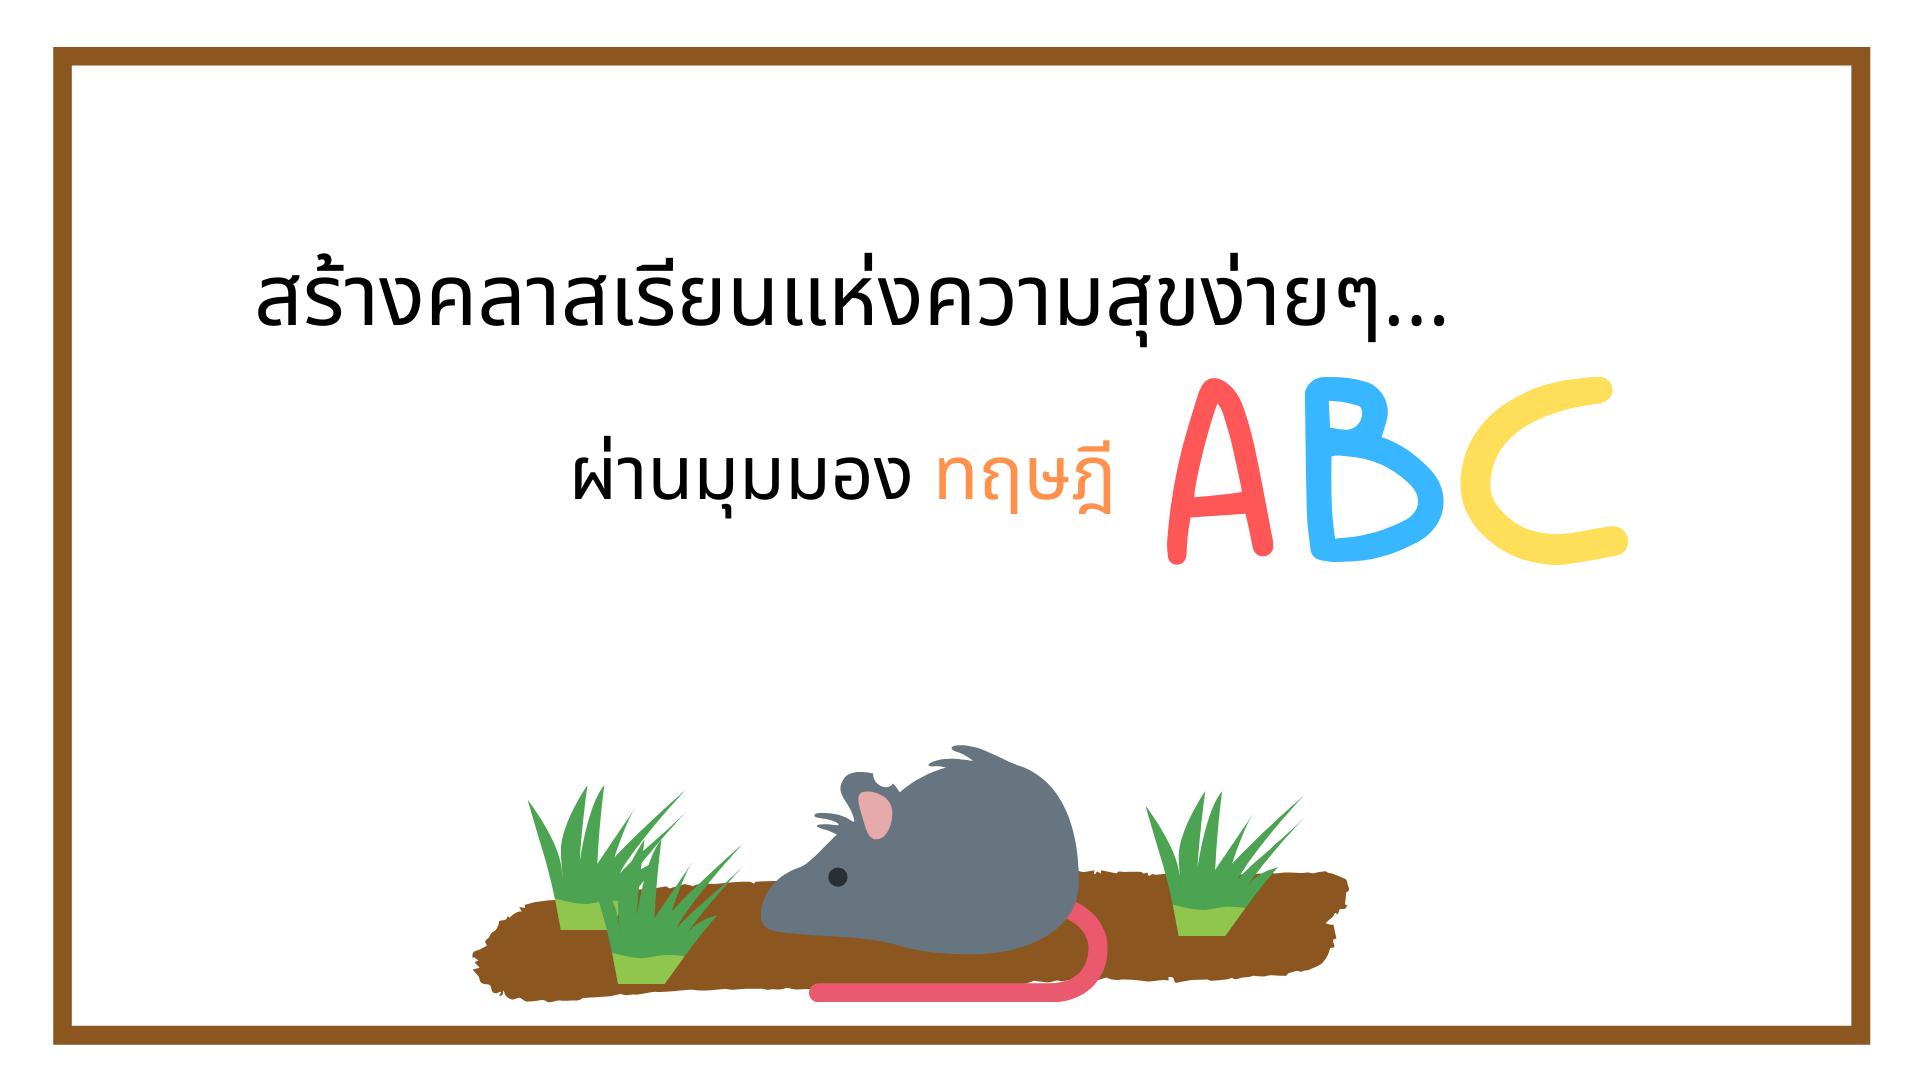 ภาพประกอบไอเดีย สร้างคลาสเรียนแห่งความสุขง่ายๆ ผ่านมุมมองทฤษฎี ABC